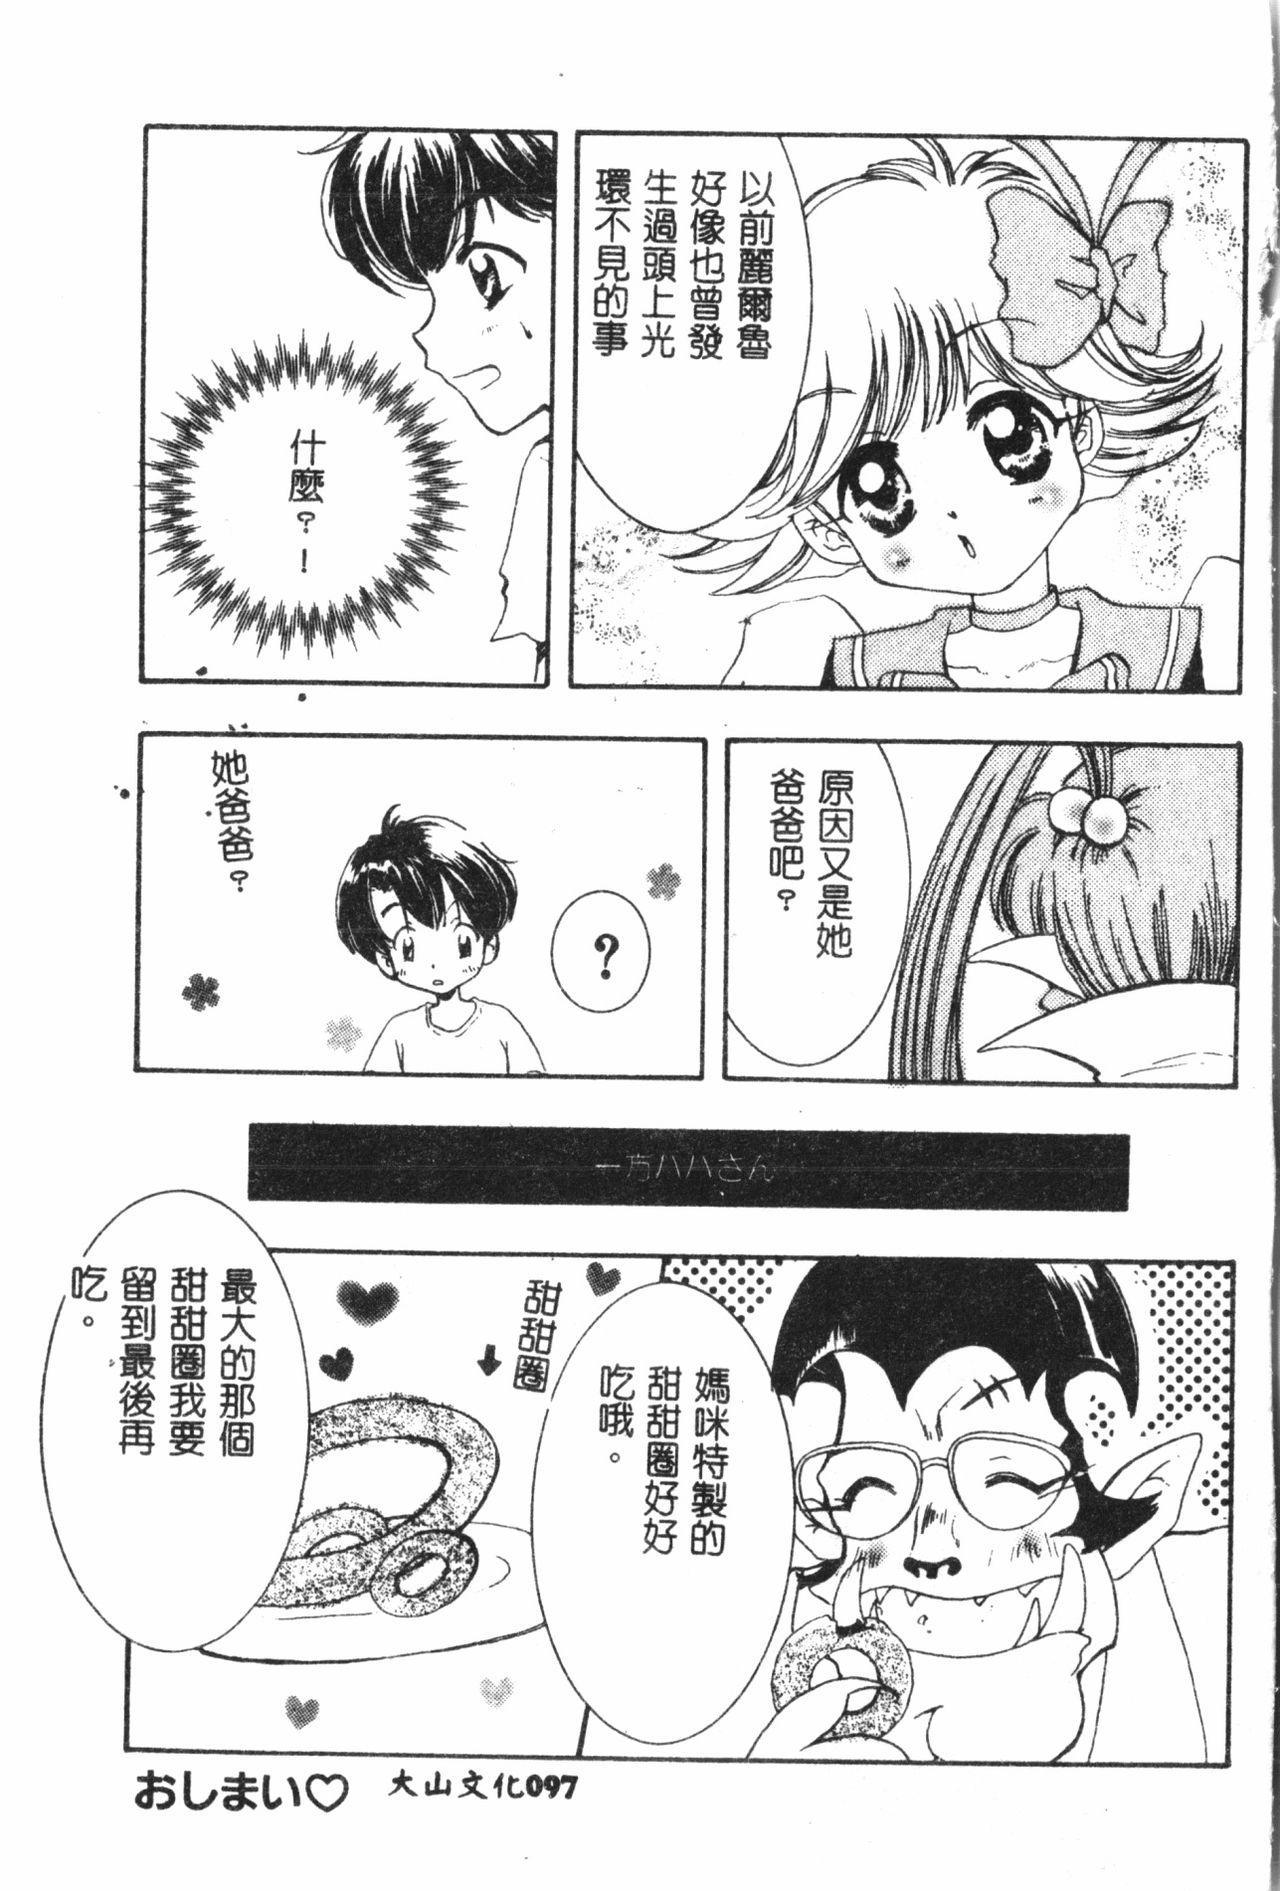 Naru Hina Plus 5 96